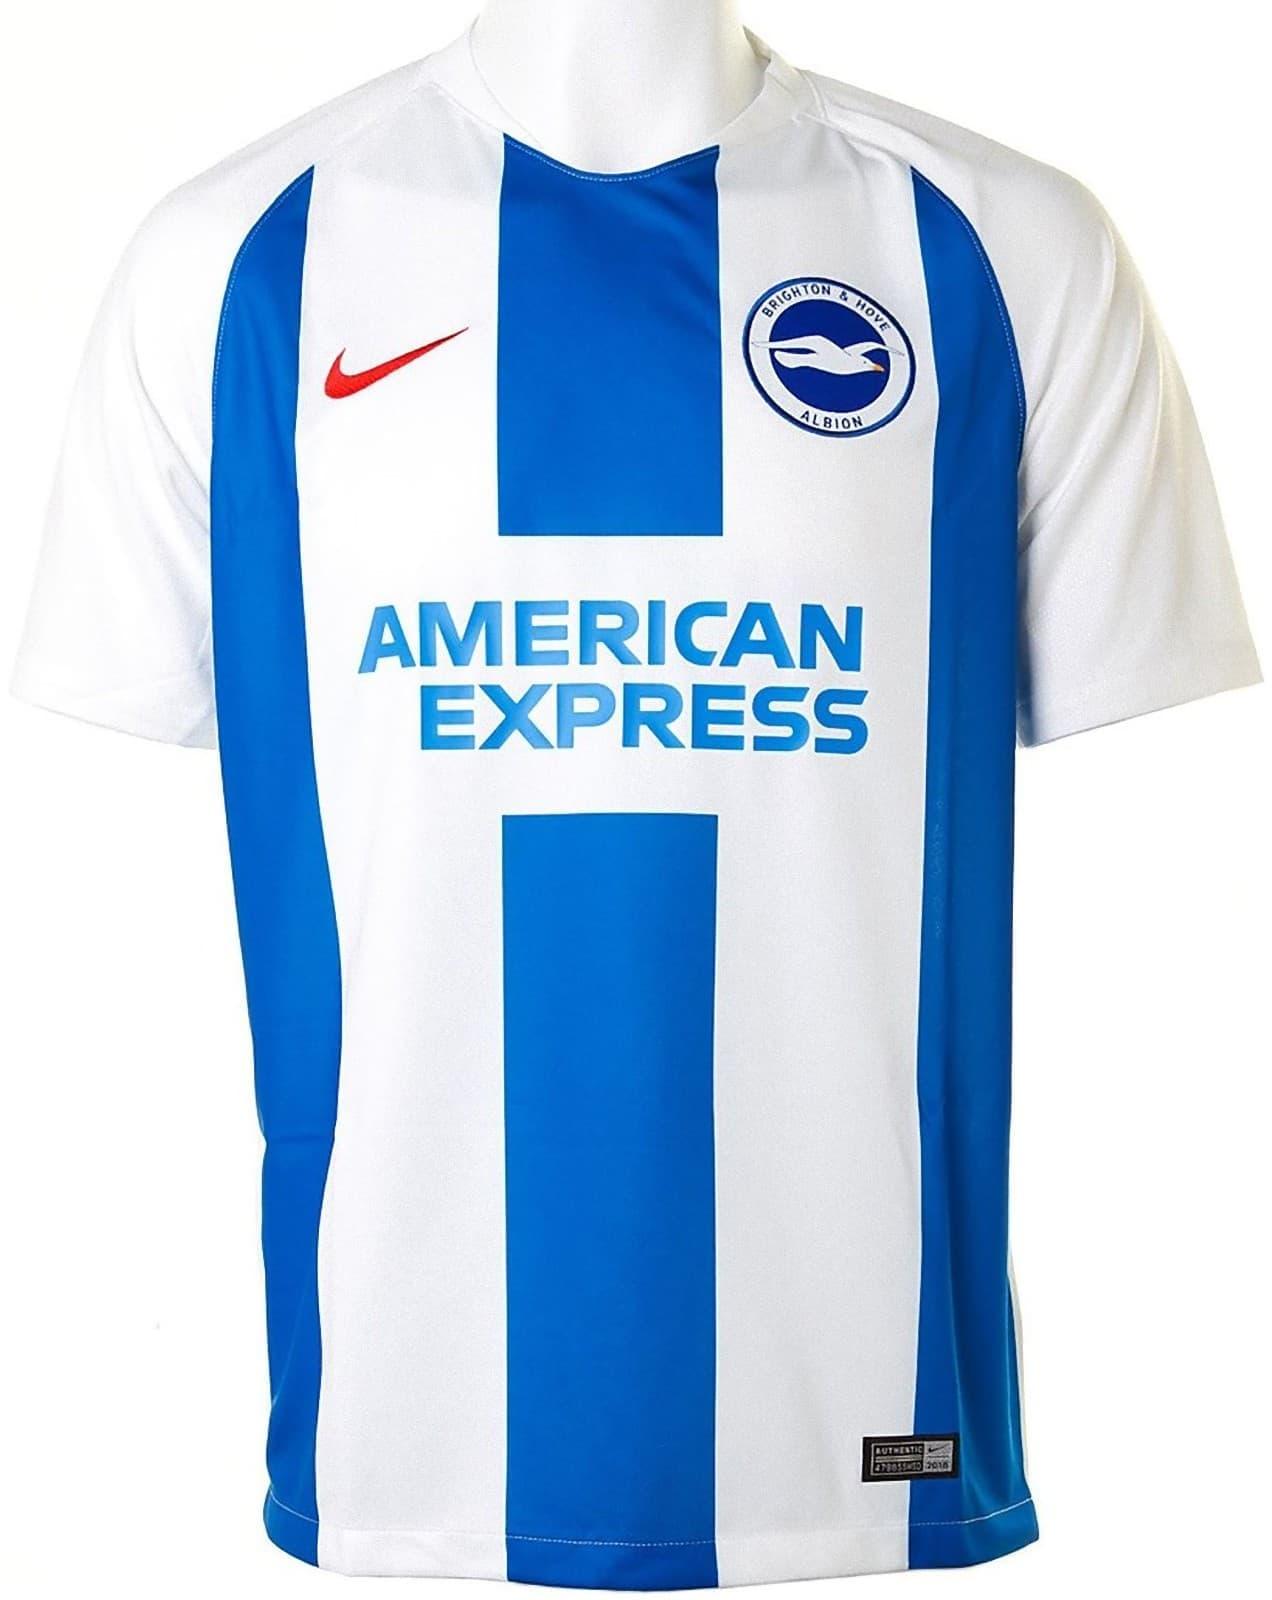 ブライトン・アンド・ホーヴ・アルビオンFC - Brighton & Hove Albion ...